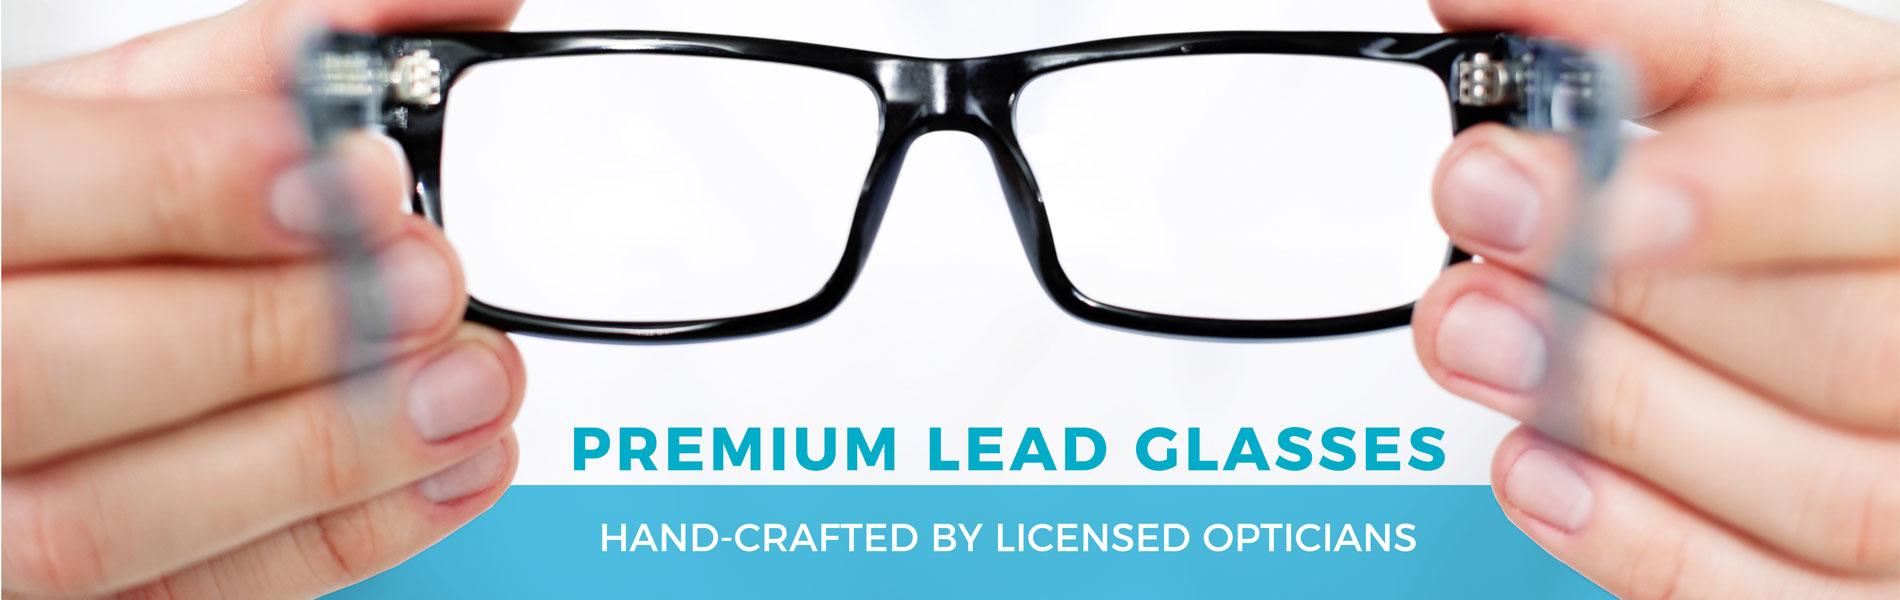 ProTech Leaded Eyewear Glasses